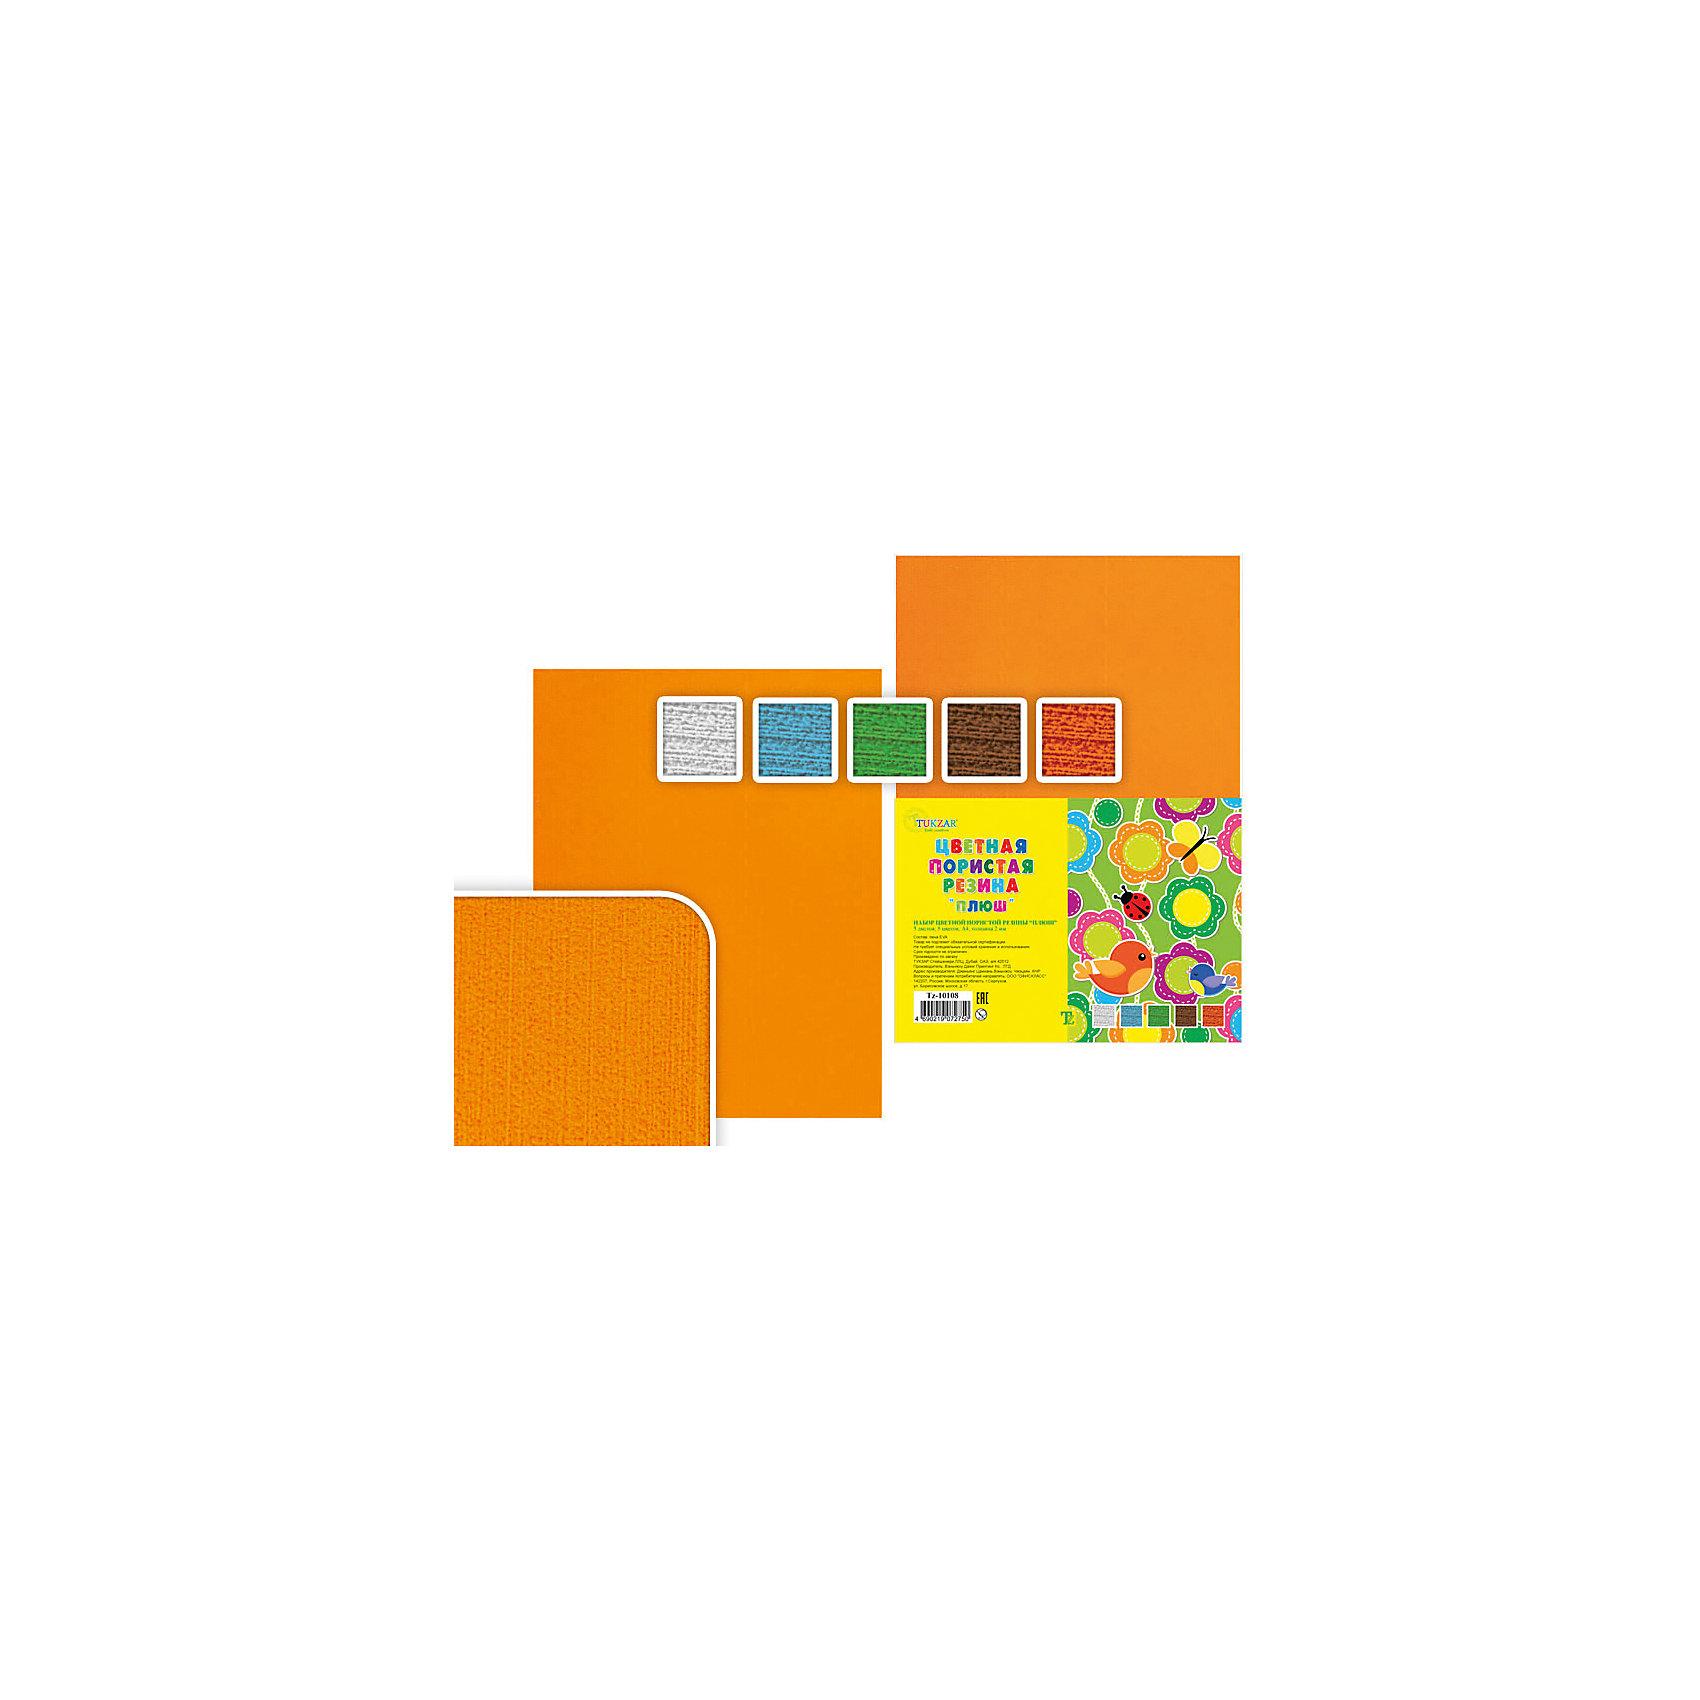 Цветная пористая резина А4 Плюш (5 листов, 5 цветов)Рукоделие<br>Цветная пористая резина Плюш, Tukzar, замечательно подойдет для детского творчества, поделок и аппликаций, а также для различных оформительских работ. В комплекте 5 листов 5 разных цветов (голубой, белый, зеленый, оранжевый, коричневый). Одна сторона листа шероховатая, другая гладкая, на гладкой можно писать и рисовать фломастером.<br><br>Дополнительная информация:<br><br>- В комплекте: 5 листов.<br>- Формат: А4.<br>- Толщина: 2 мм.<br>- Размер упаковки: 30 x 21 x 1,4 см.<br>- Вес: 70 гр.<br><br>Цветную пористую резину Плюш, Tukzar, можно купить в нашем интернет-магазине.<br><br>Ширина мм: 300<br>Глубина мм: 210<br>Высота мм: 10<br>Вес г: 150<br>Возраст от месяцев: 36<br>Возраст до месяцев: 120<br>Пол: Унисекс<br>Возраст: Детский<br>SKU: 4037265